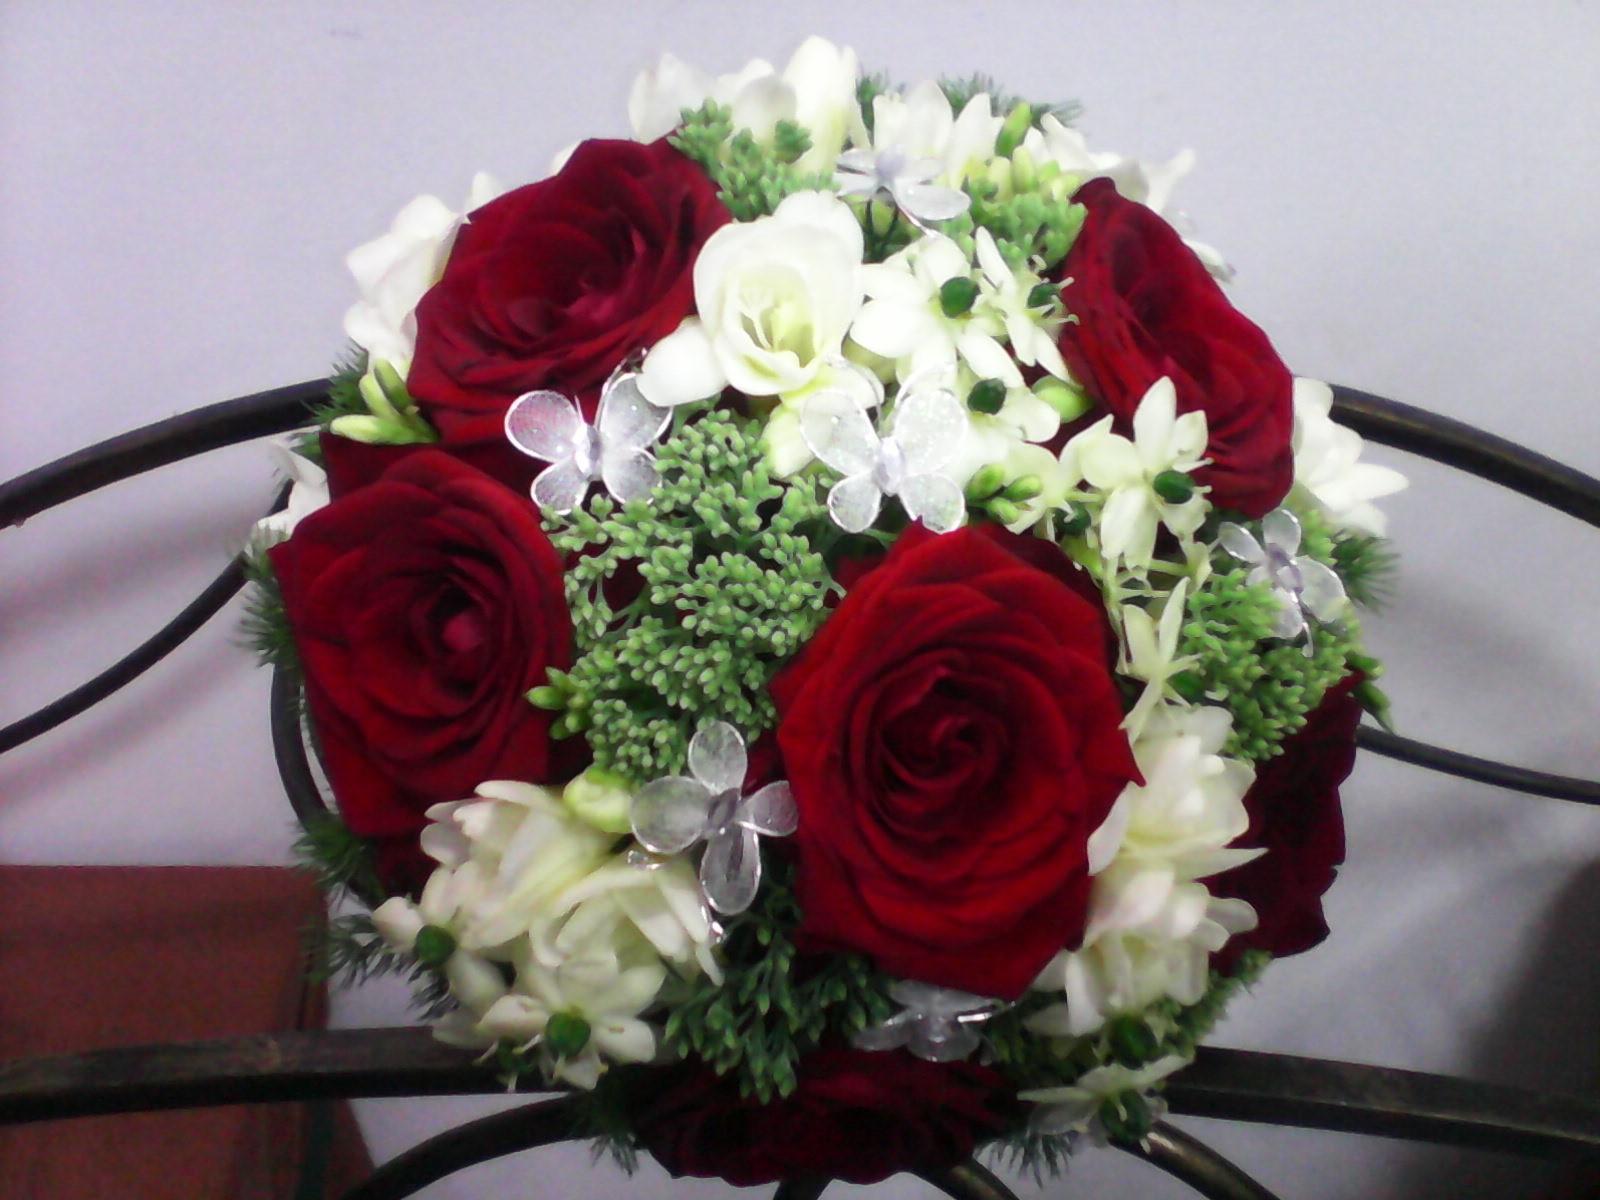 Buchet Trandafiri Rosii Frezie Alba Sedum Otg Sifluturasi